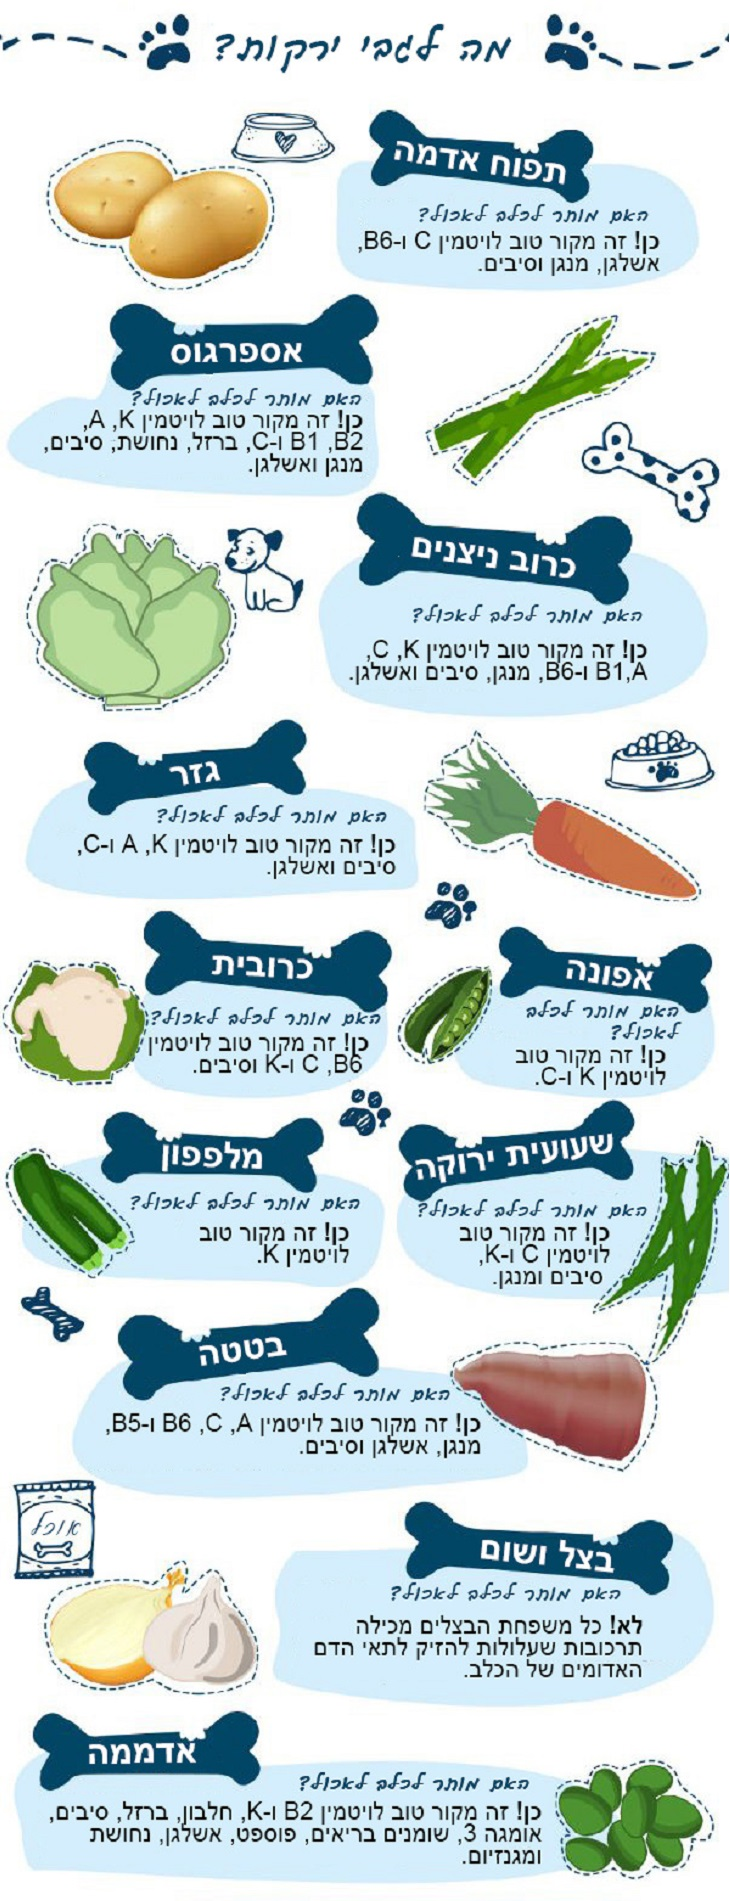 האם הכלב שלי יכול לאכול את זה: ירקות - אסור ומותר